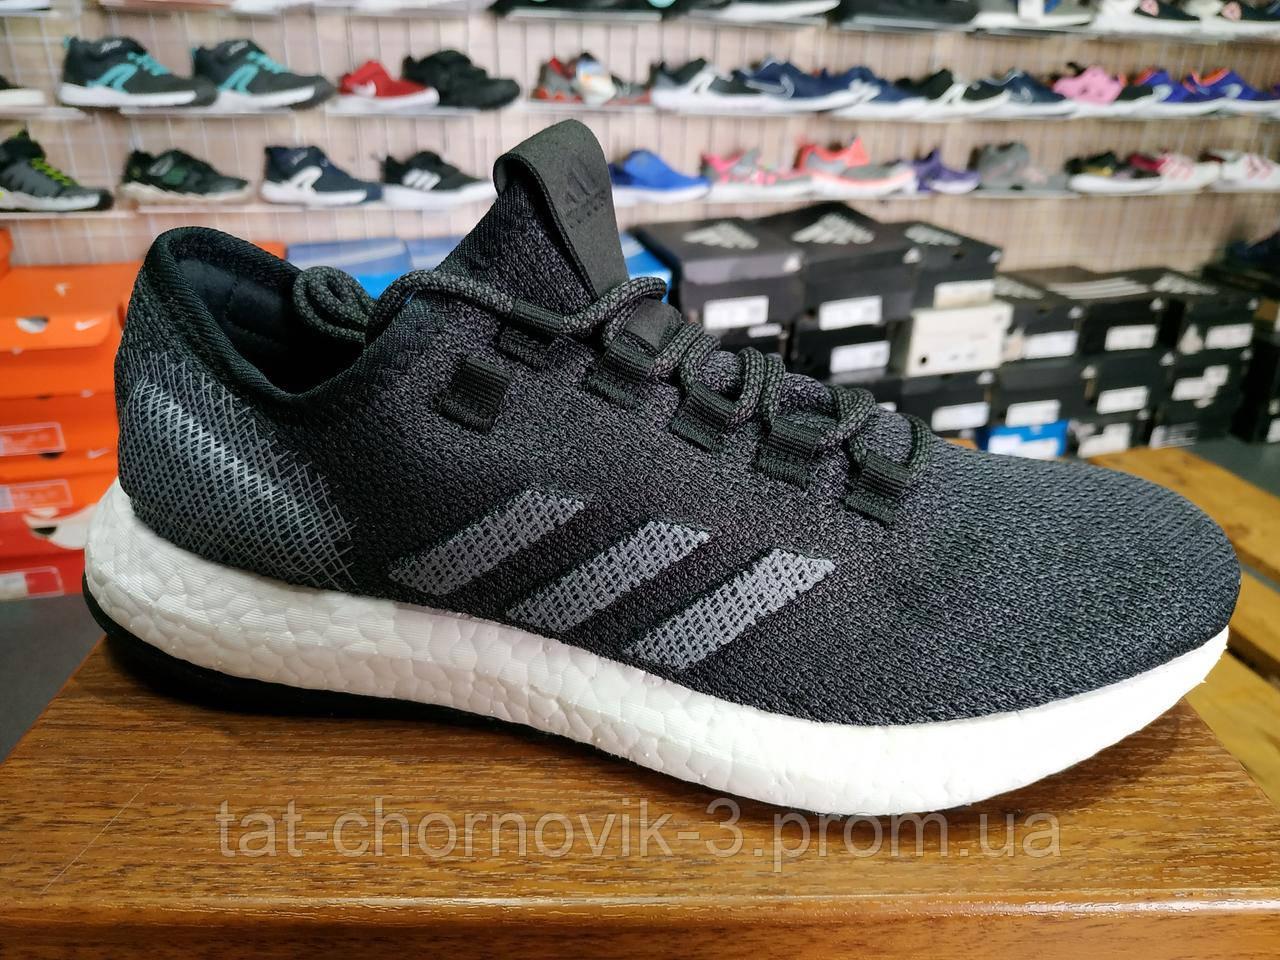 Adidas Pure Boost. EE4282 Оригинальные мужские кроссовки для бега.